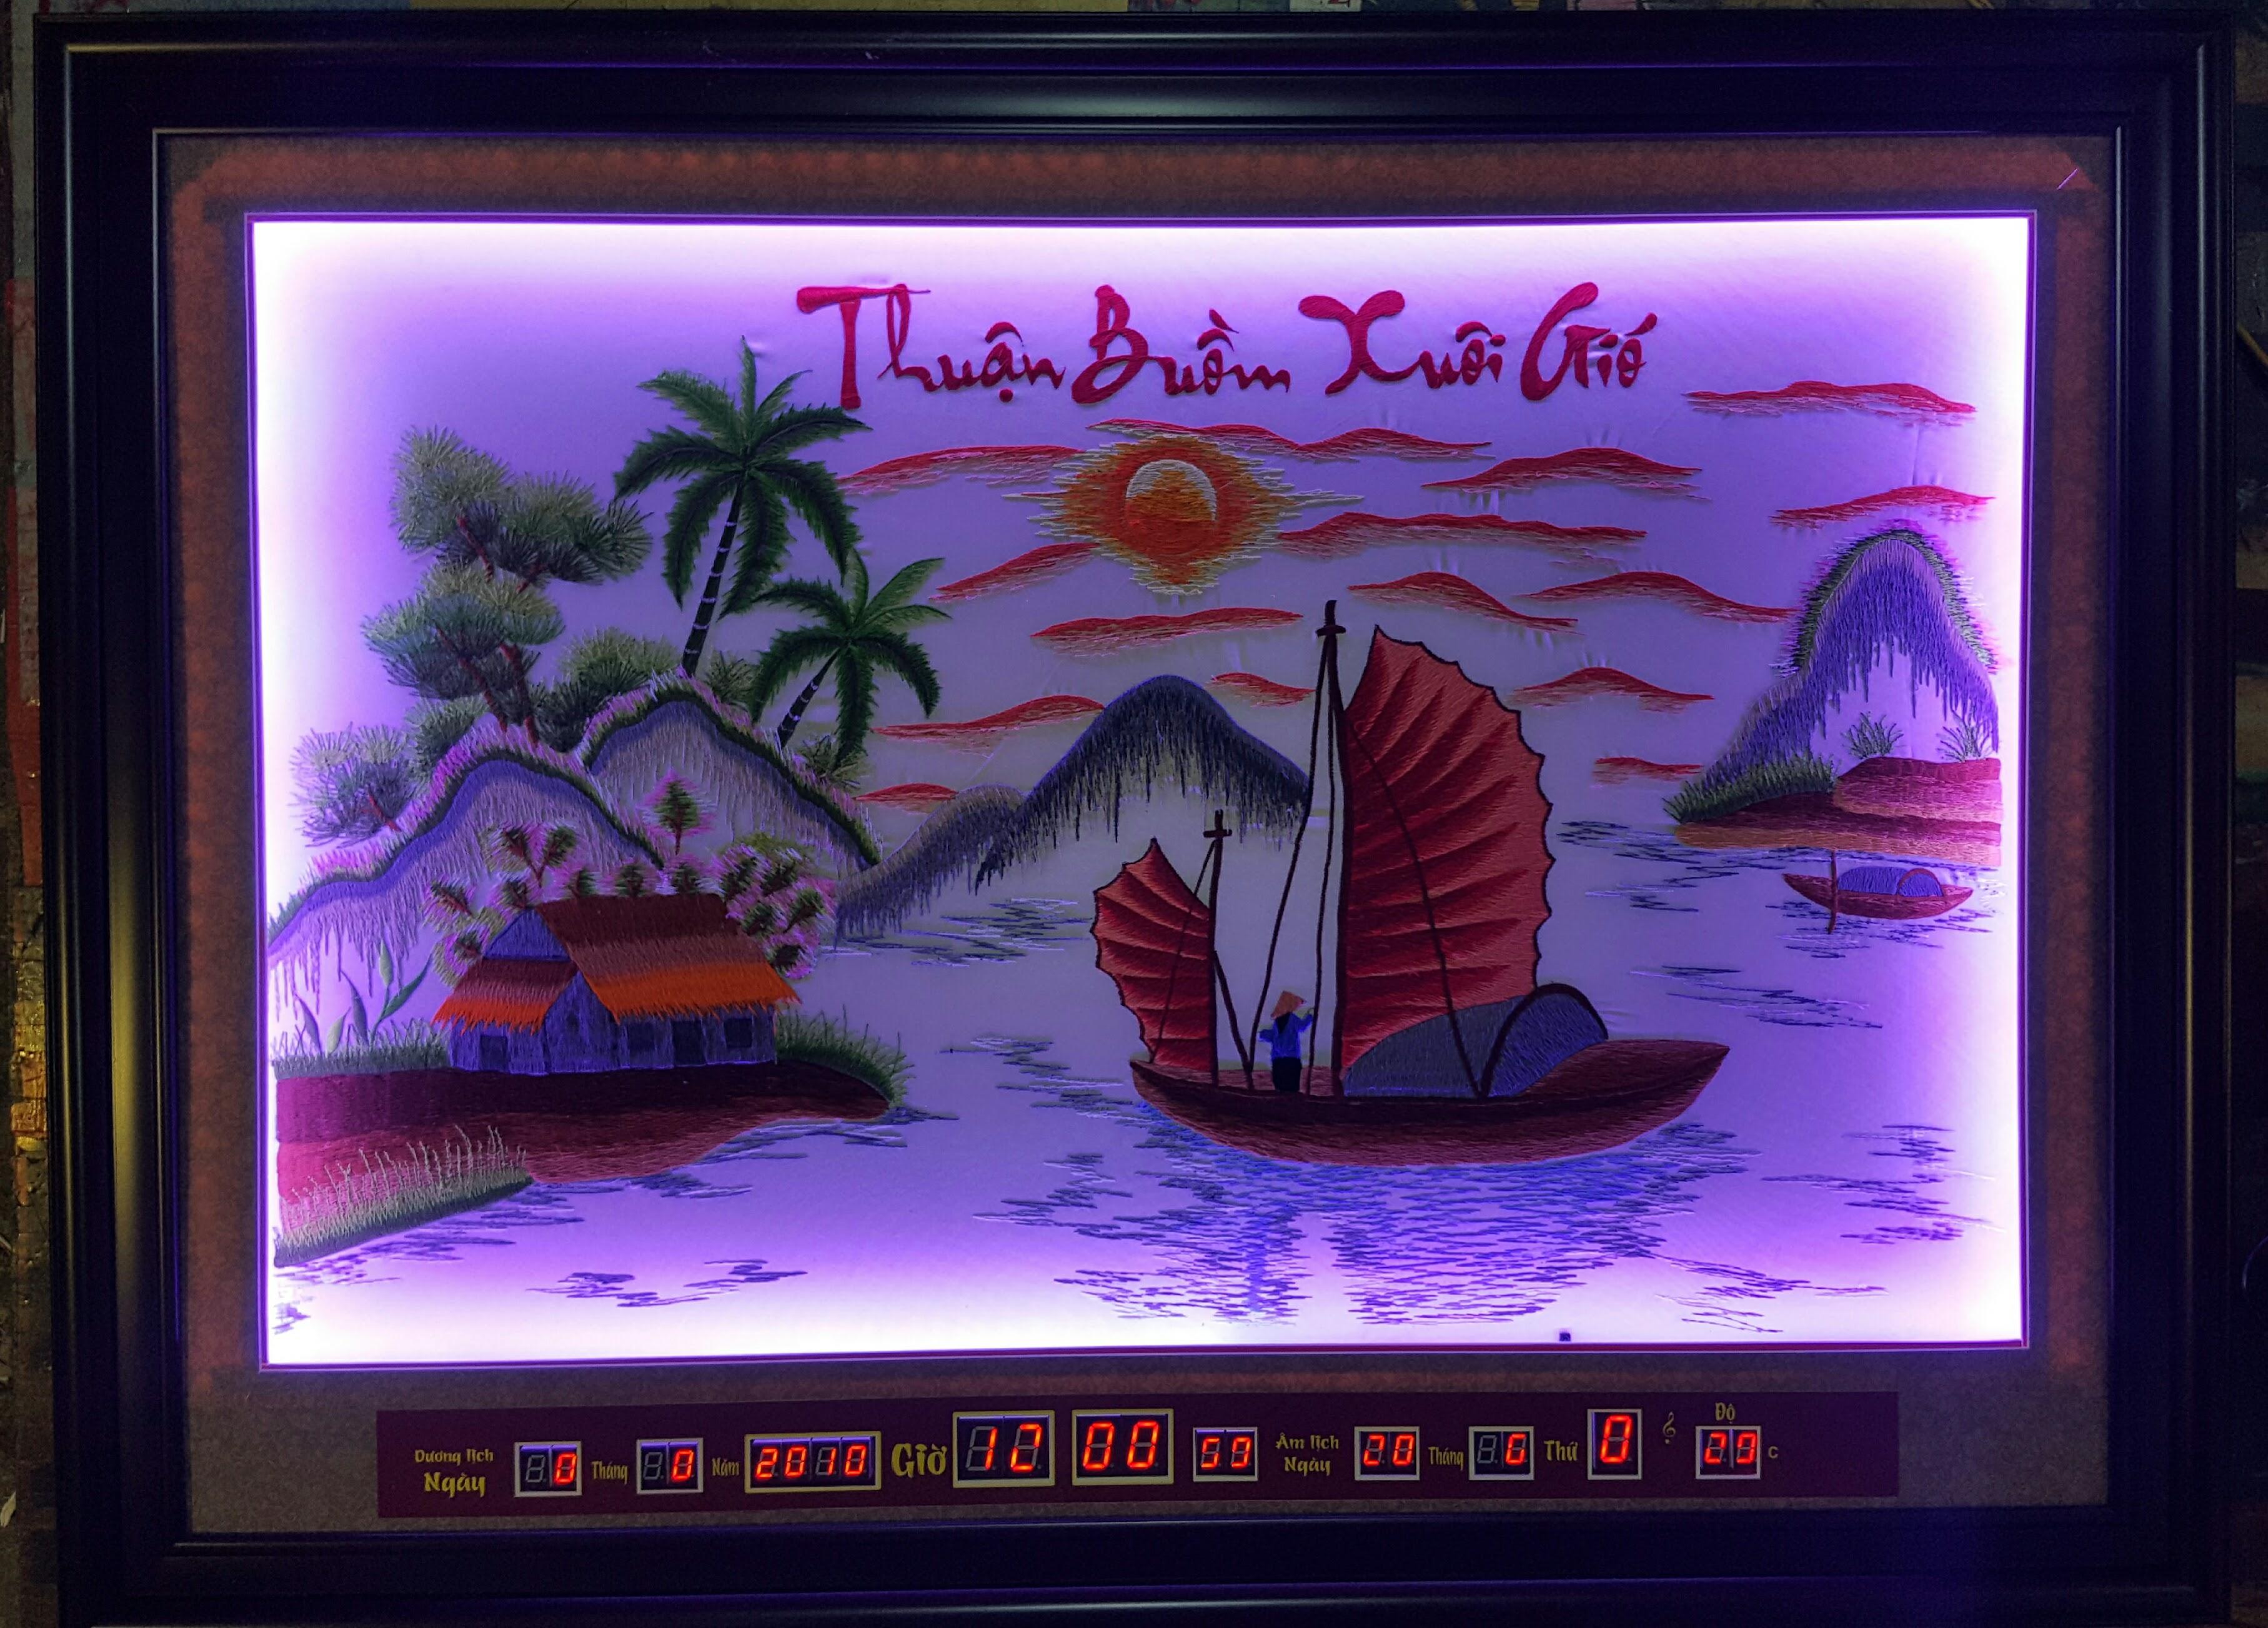 Tranh thêu đèn led, lịch vạn niên, thuận buồm xuôi gió -2045